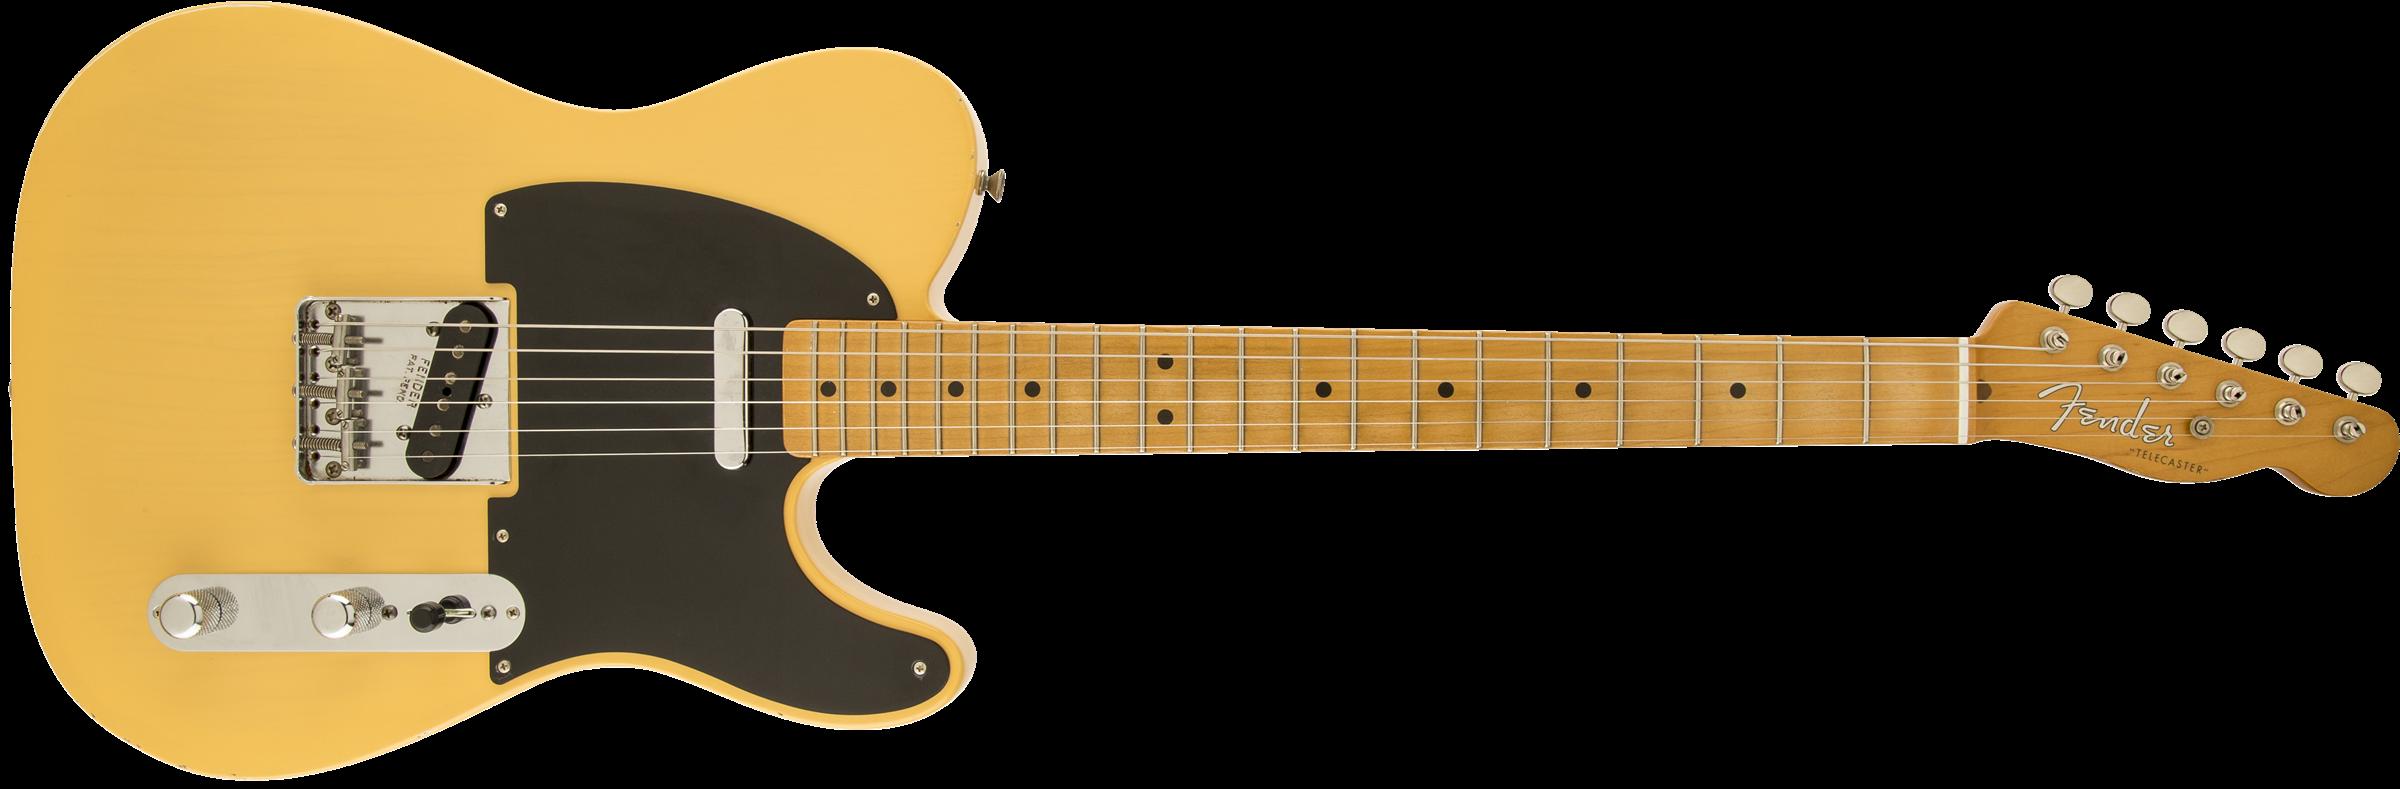 fender road worn 39 50s telecaster blonde maple neck tex mex pickups w bag 717669669171 ebay. Black Bedroom Furniture Sets. Home Design Ideas